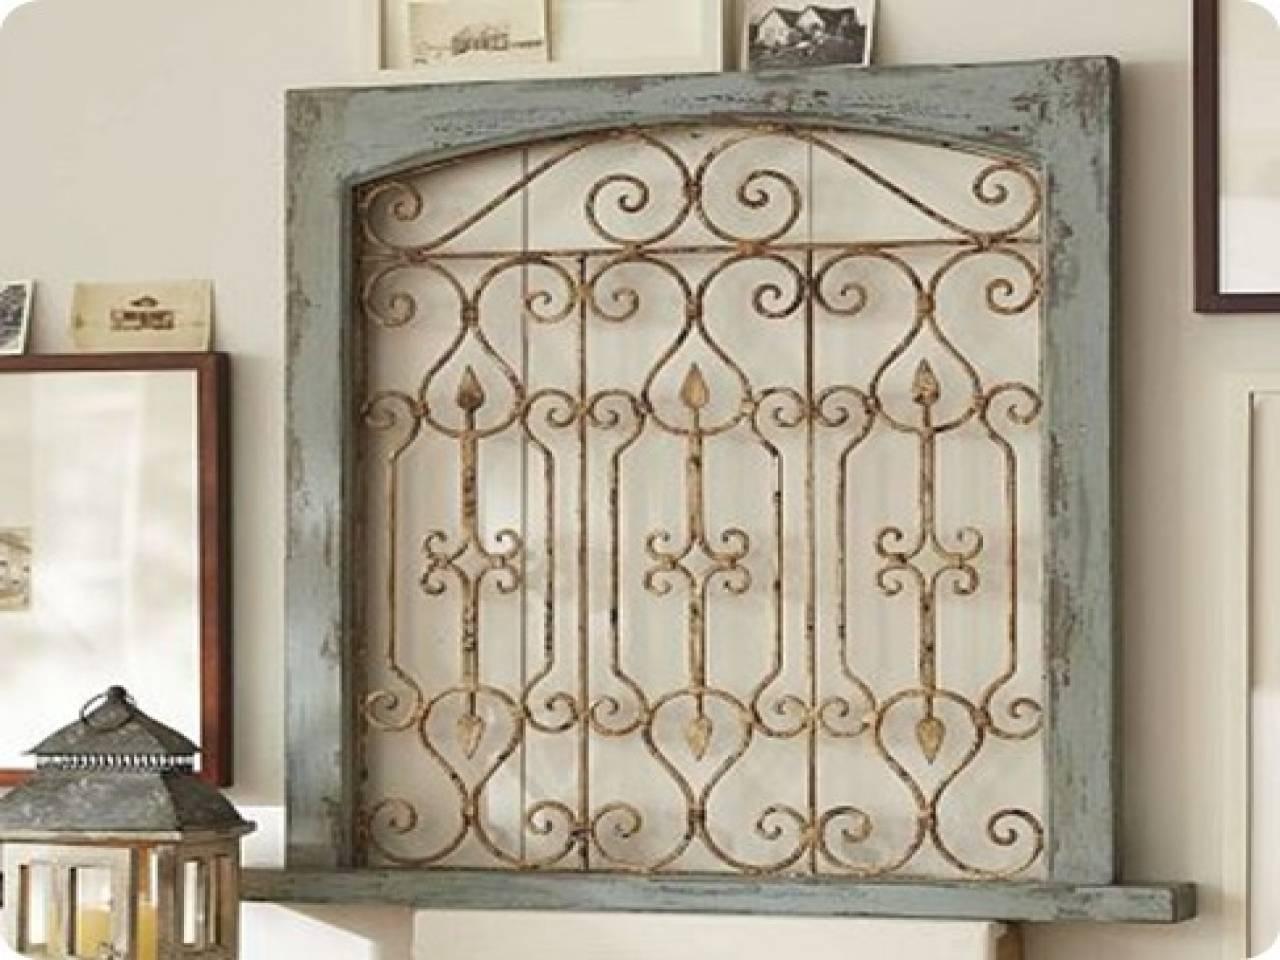 Wall Art Designs: Kirklands Wall Art Garden Gate Wall Decor Iron With Regard To Recent Iron Gate Wall Art (View 1 of 25)